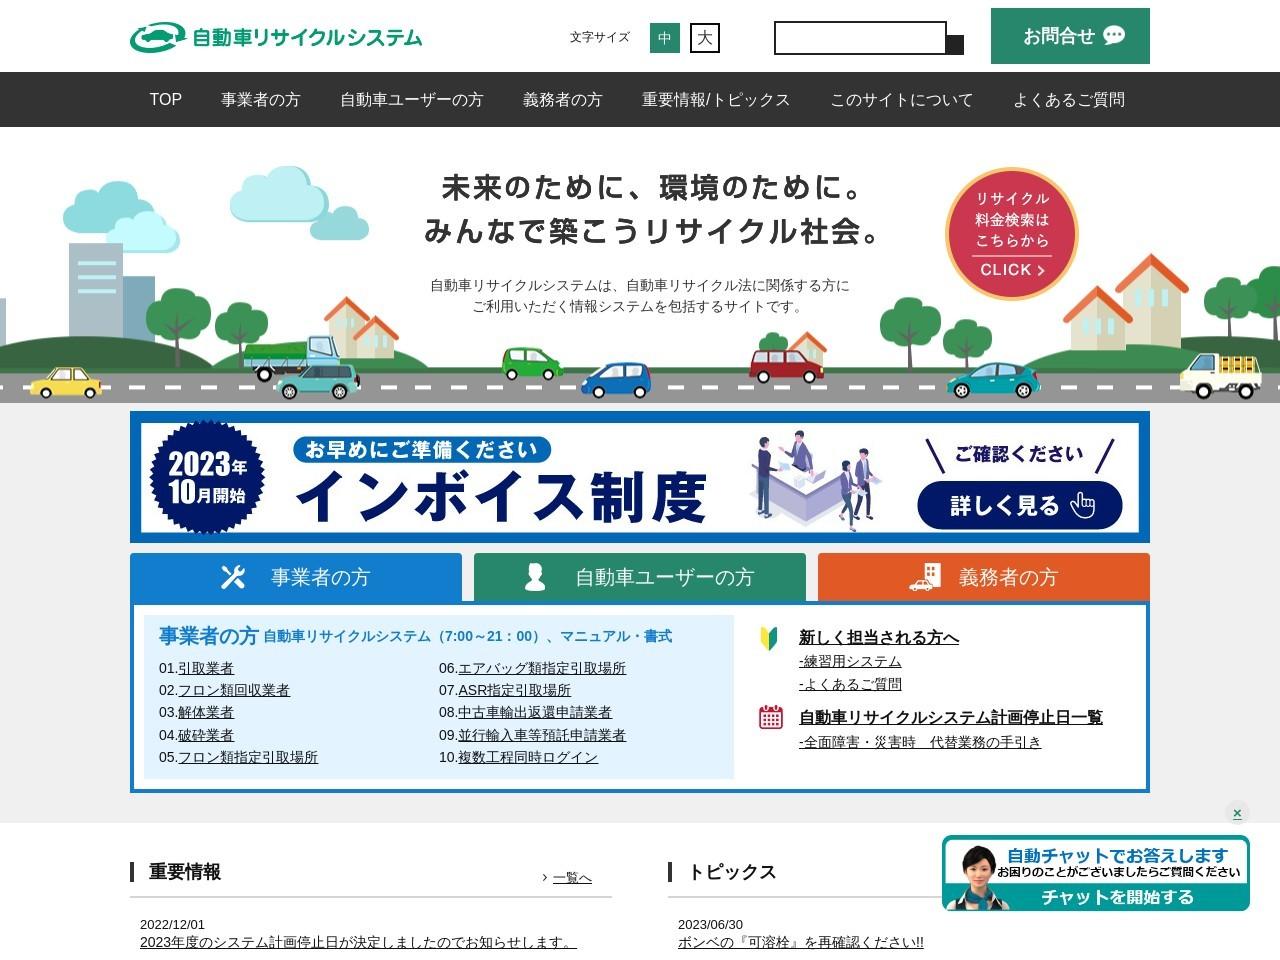 阪海自動車株式会社